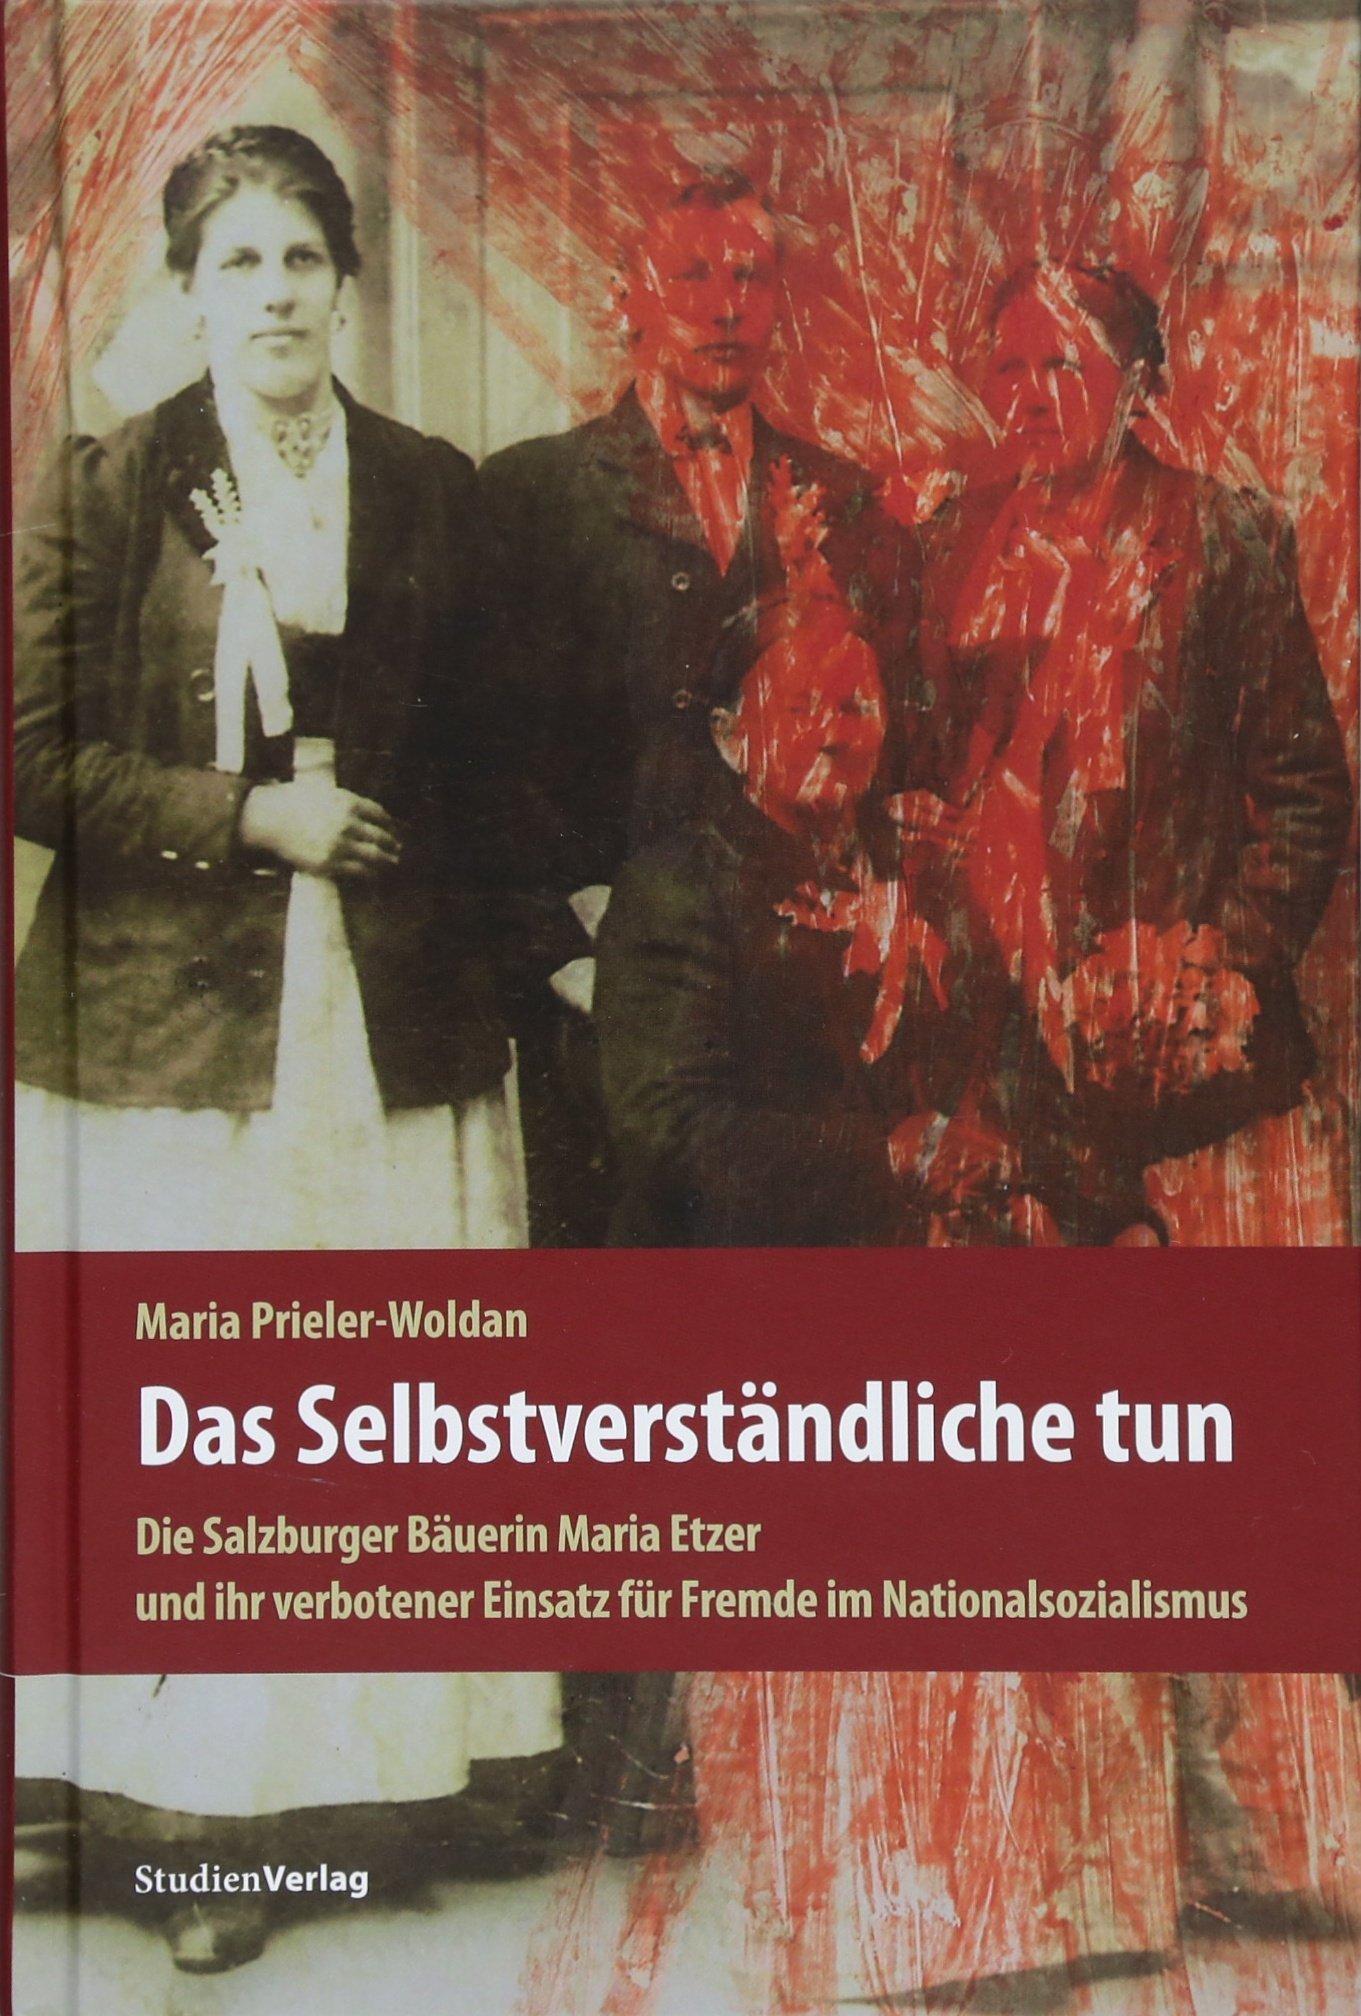 Das Selbstverständliche tun: Die Salzburger Bäuerin Maria Etzer und ihr verbotener Einsatz für Fremde im Nationalsozialismus Mit einem Nachwort von Brigitte Menne